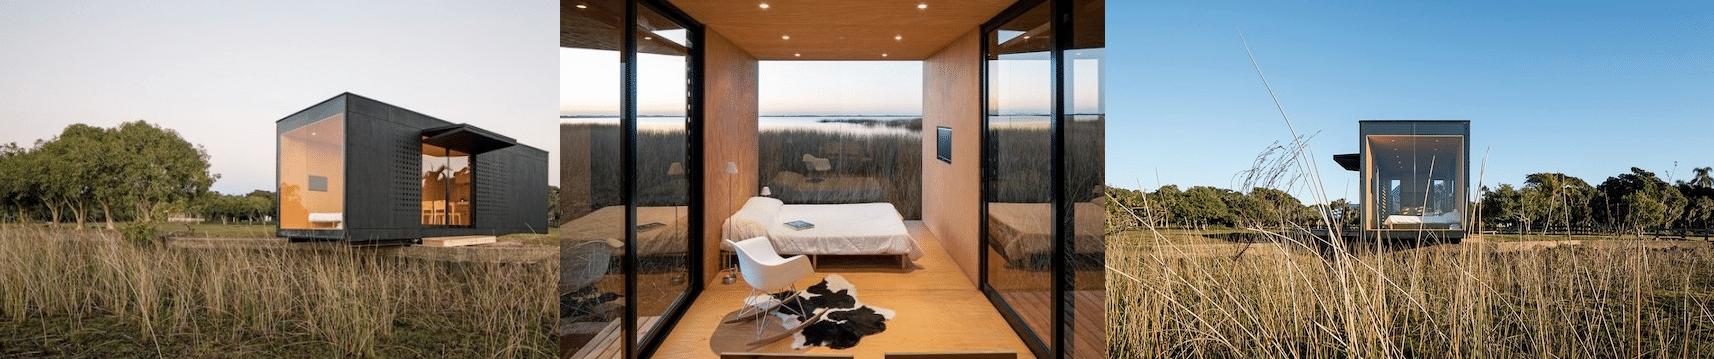 vivienda modular en un contenedor